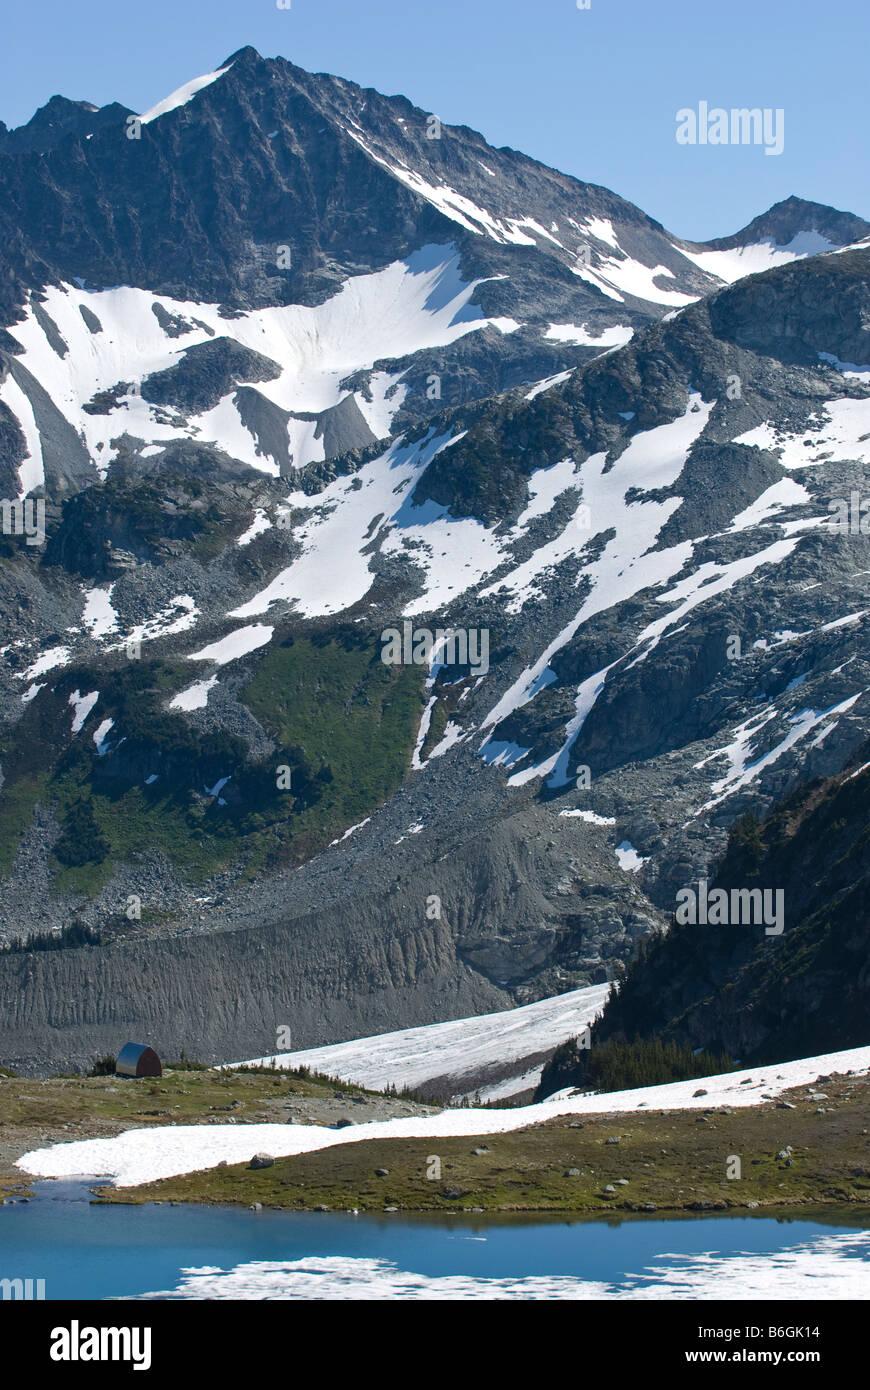 Russet Lake Cabin Whistler, BC - Stock Image